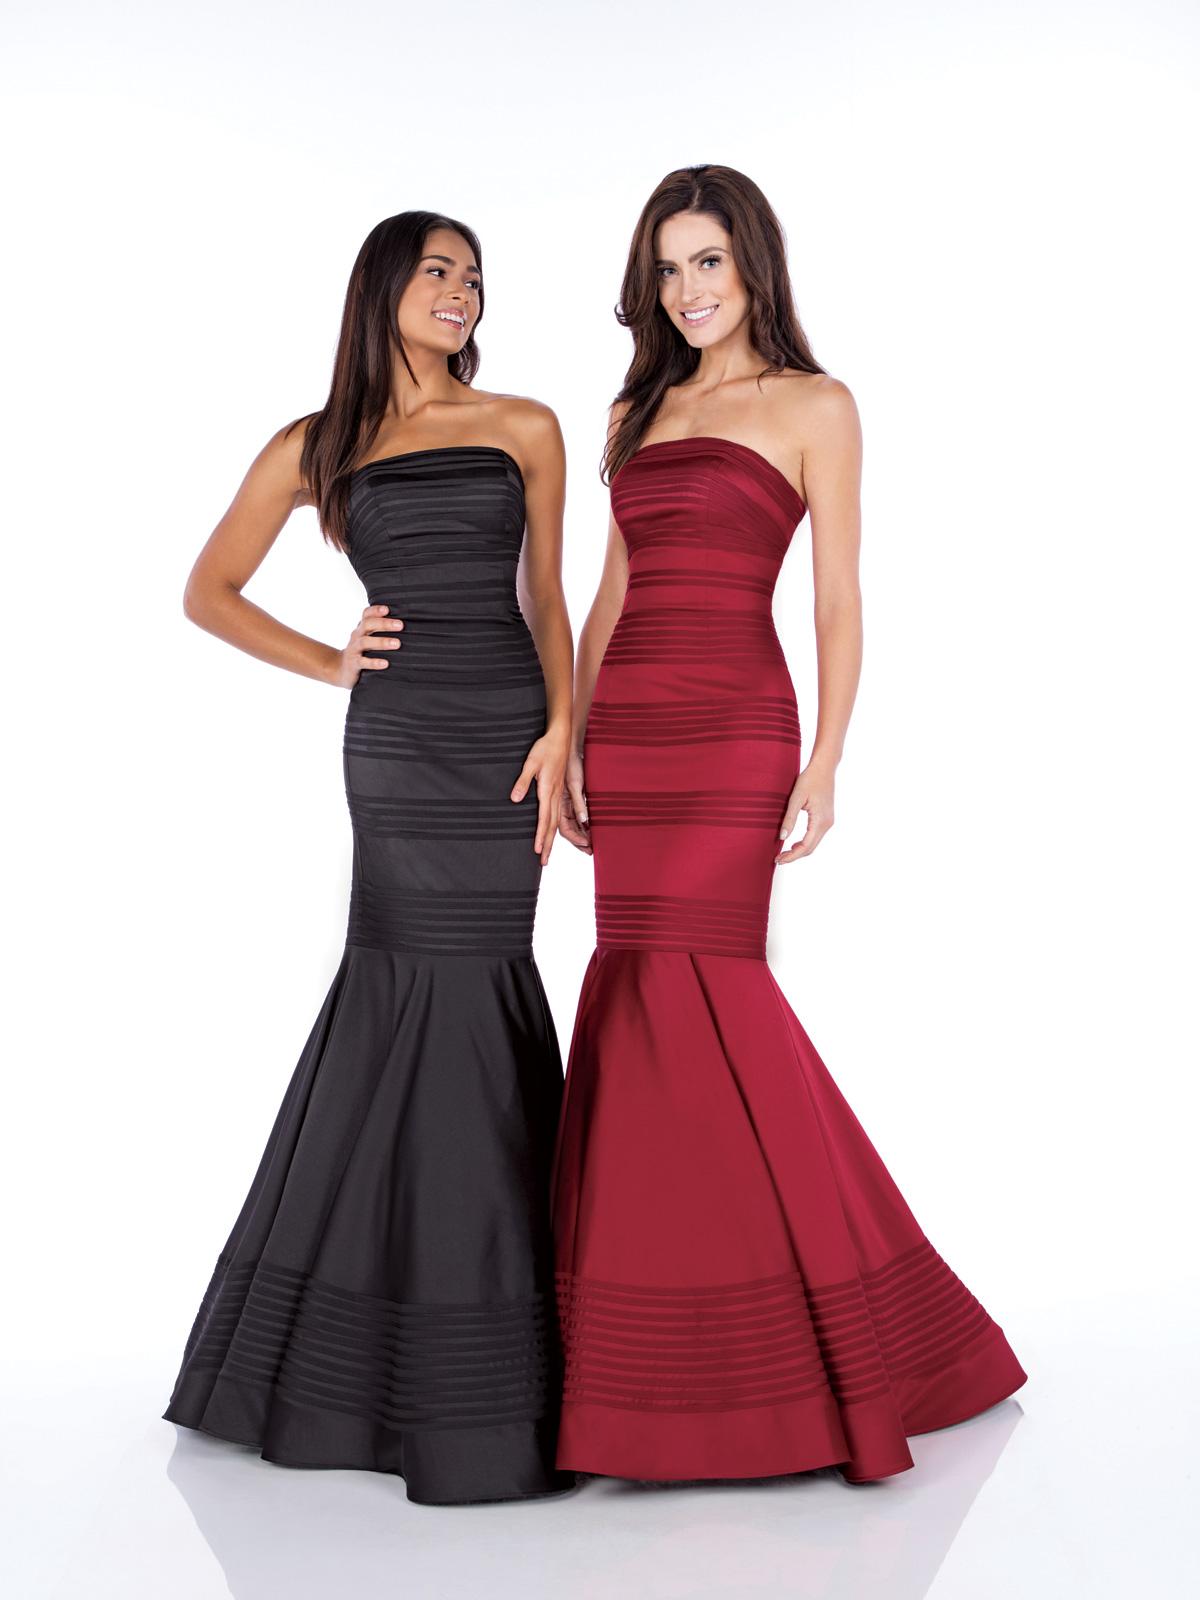 Vestido de Festa tomara que caia corte sereia confeccionado em cetim e detalhe de fitas em cetim por todo o vestido.